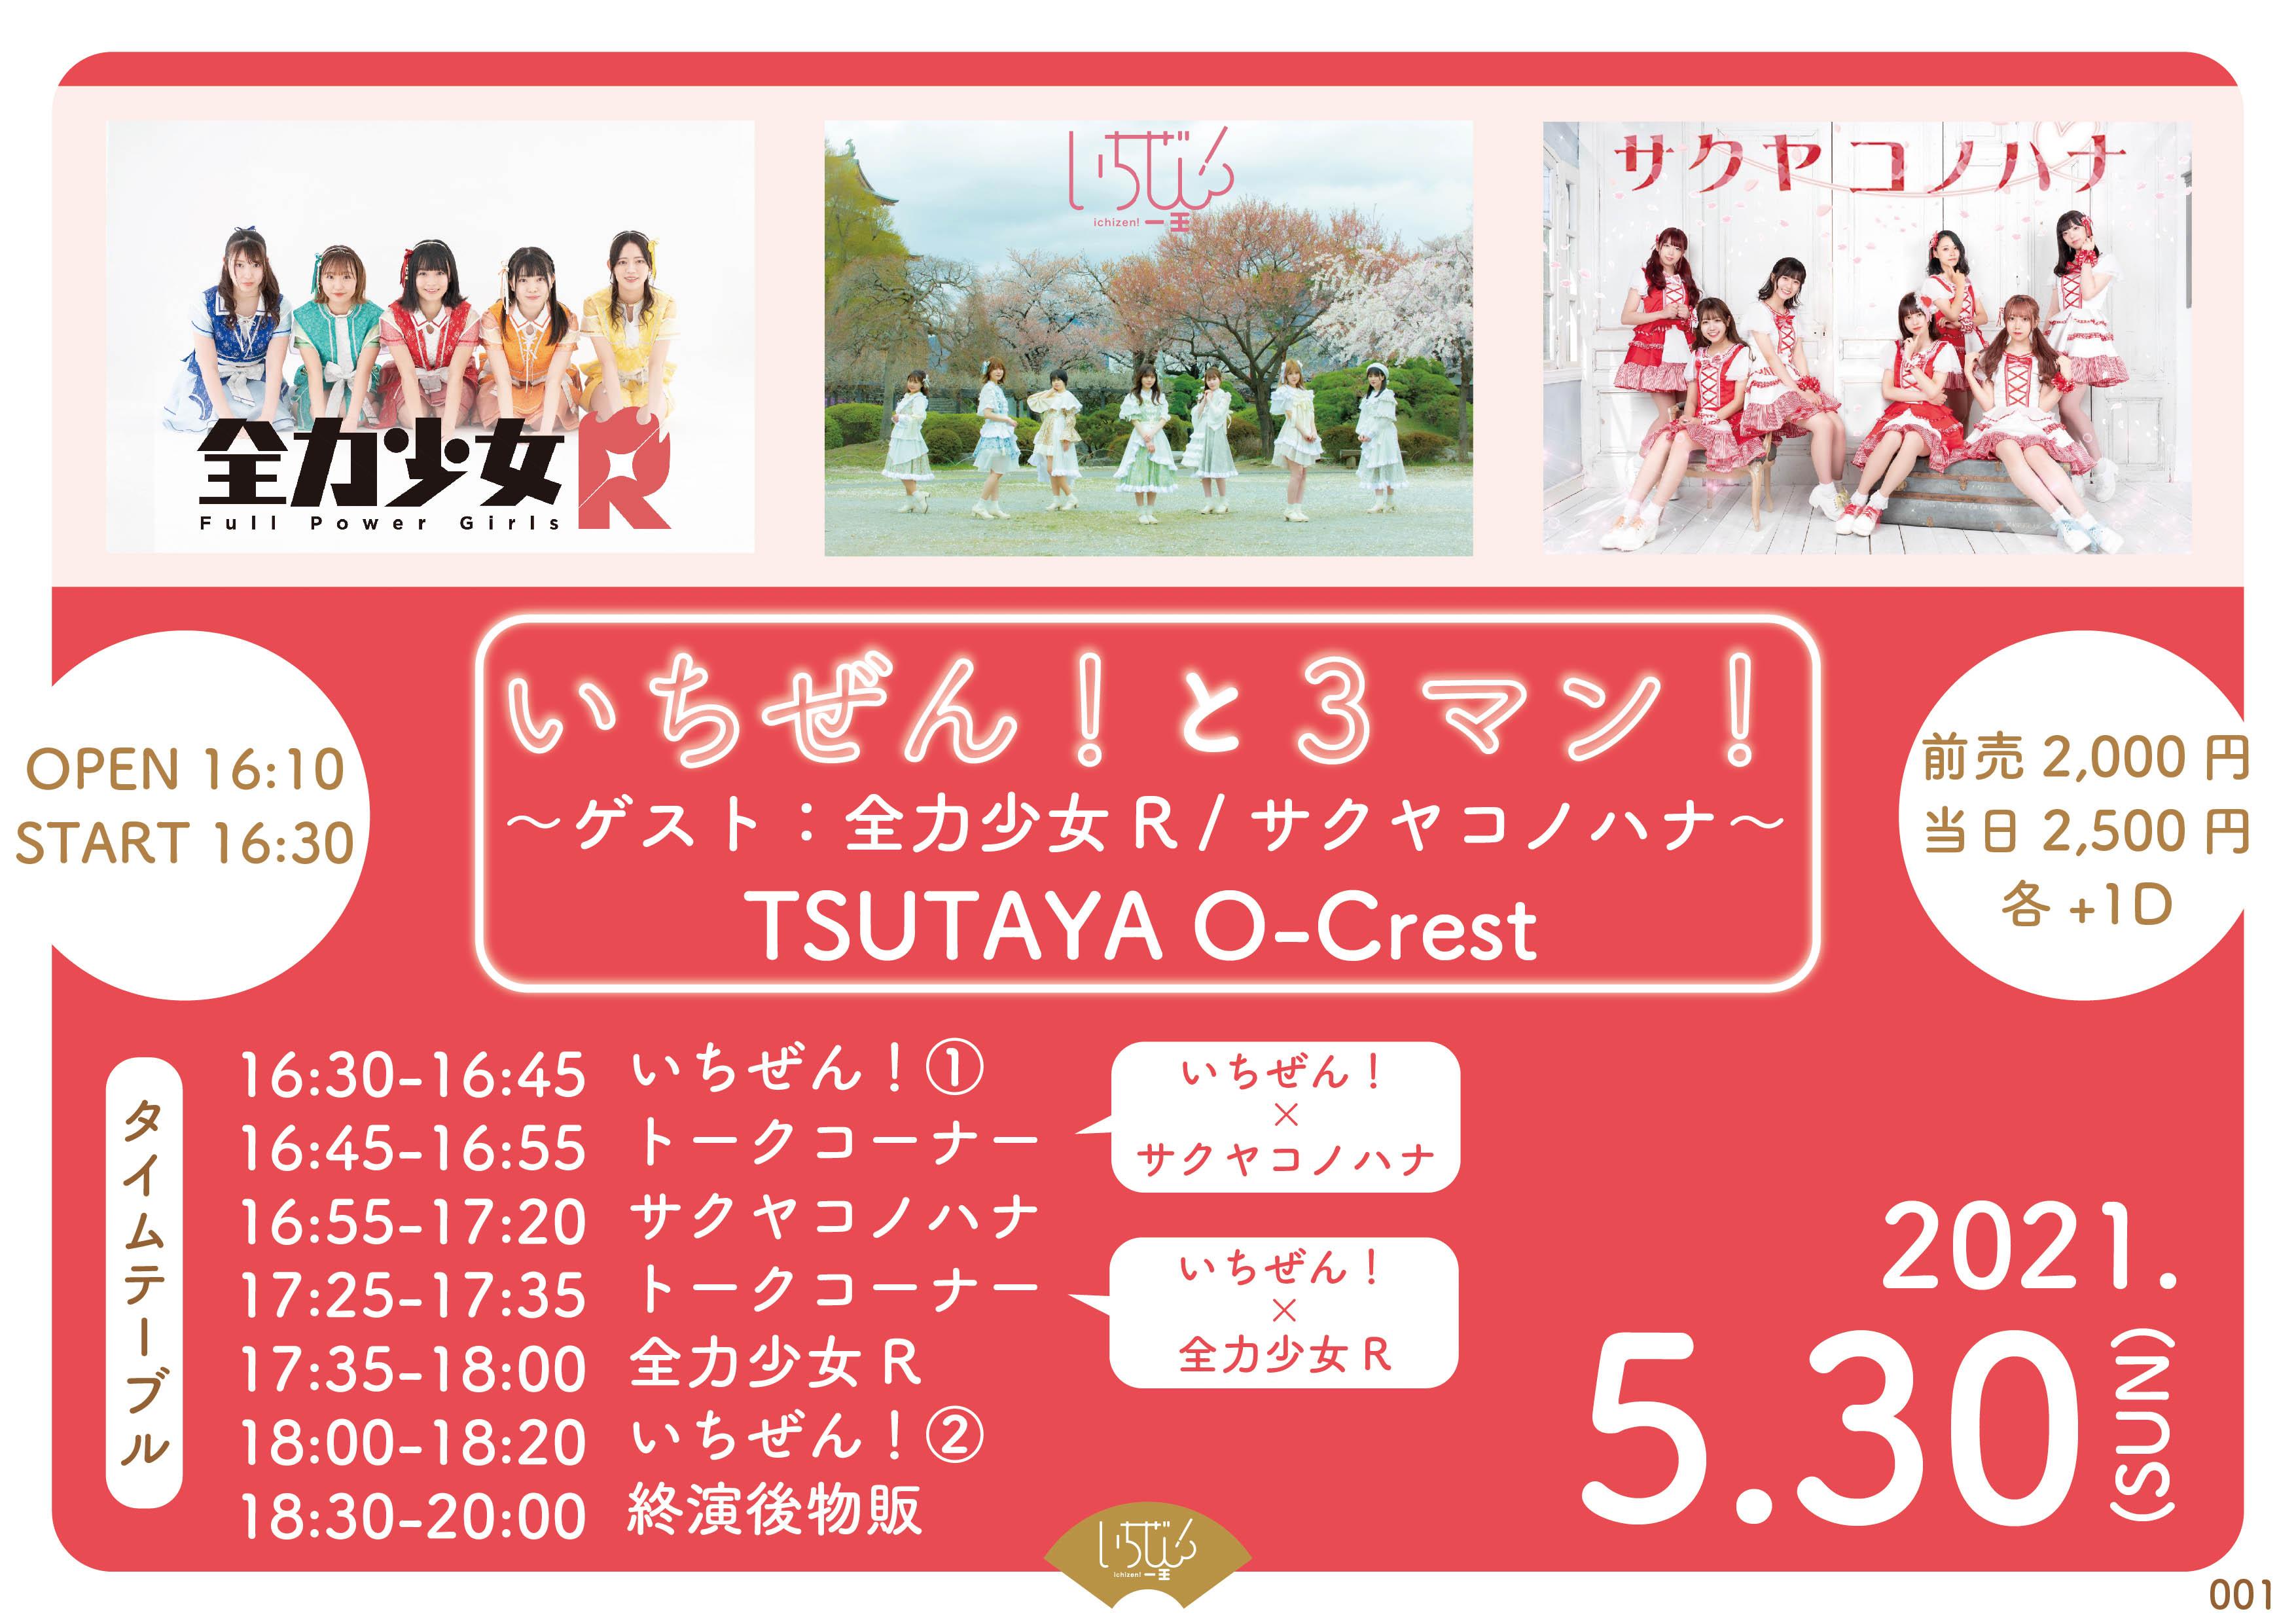 【5/30】いちぜん!と3マン!〜ゲスト:全力少女R / サクヤコノハナ〜